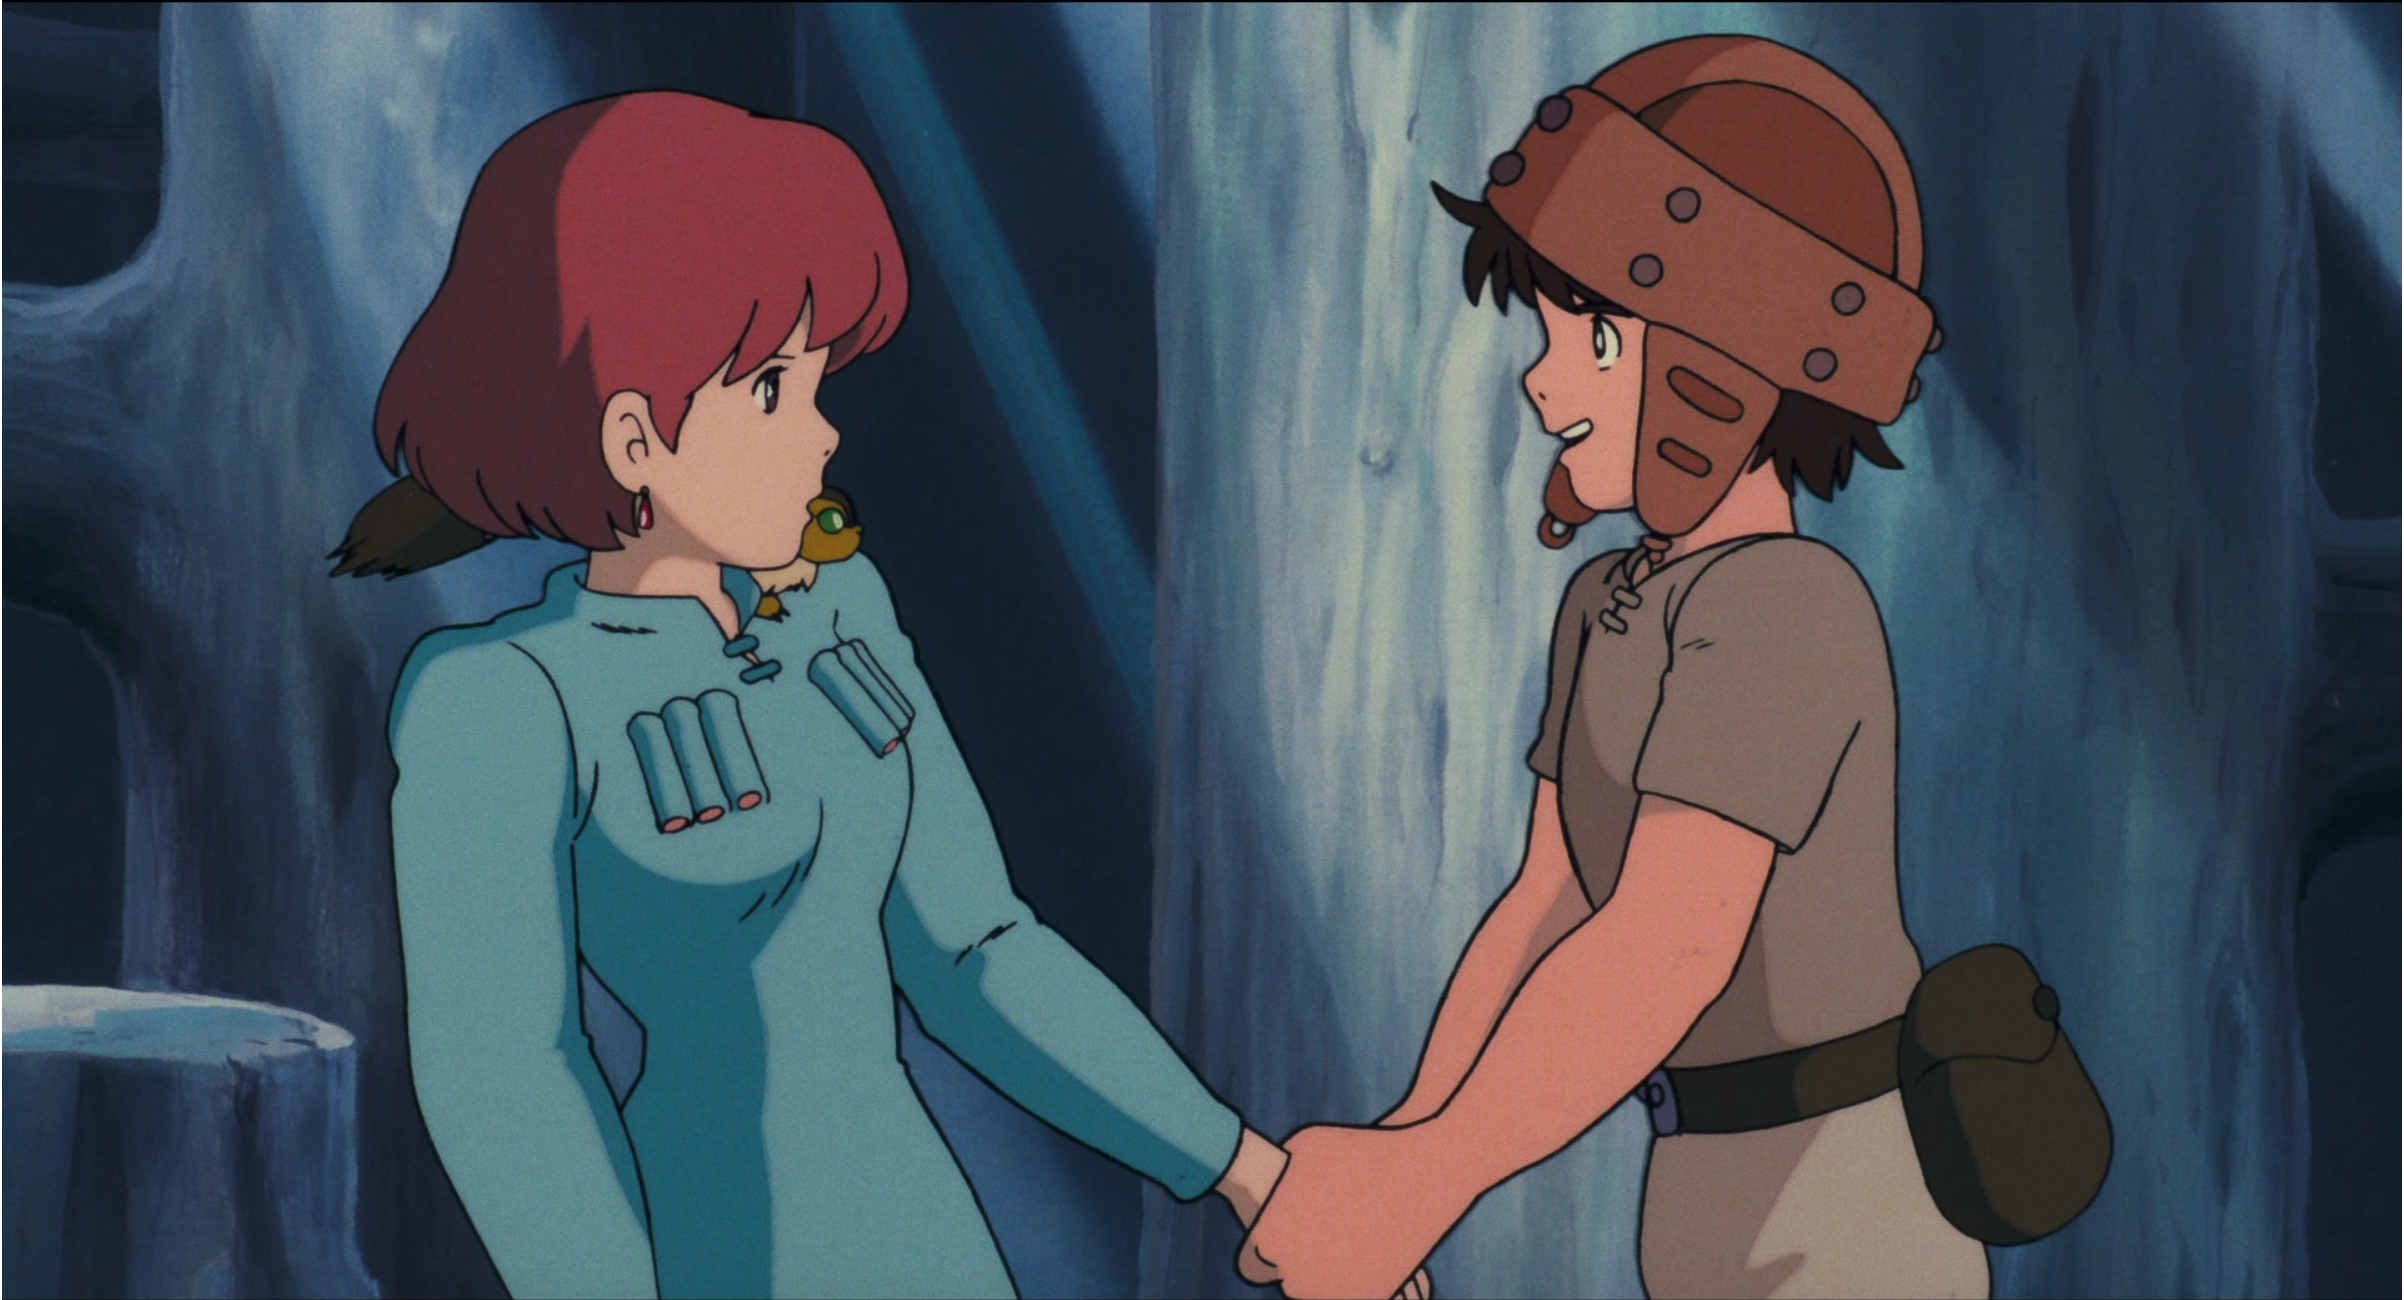 Nausicaa and Asbel's first meeting Studio ghibli, Ghibli